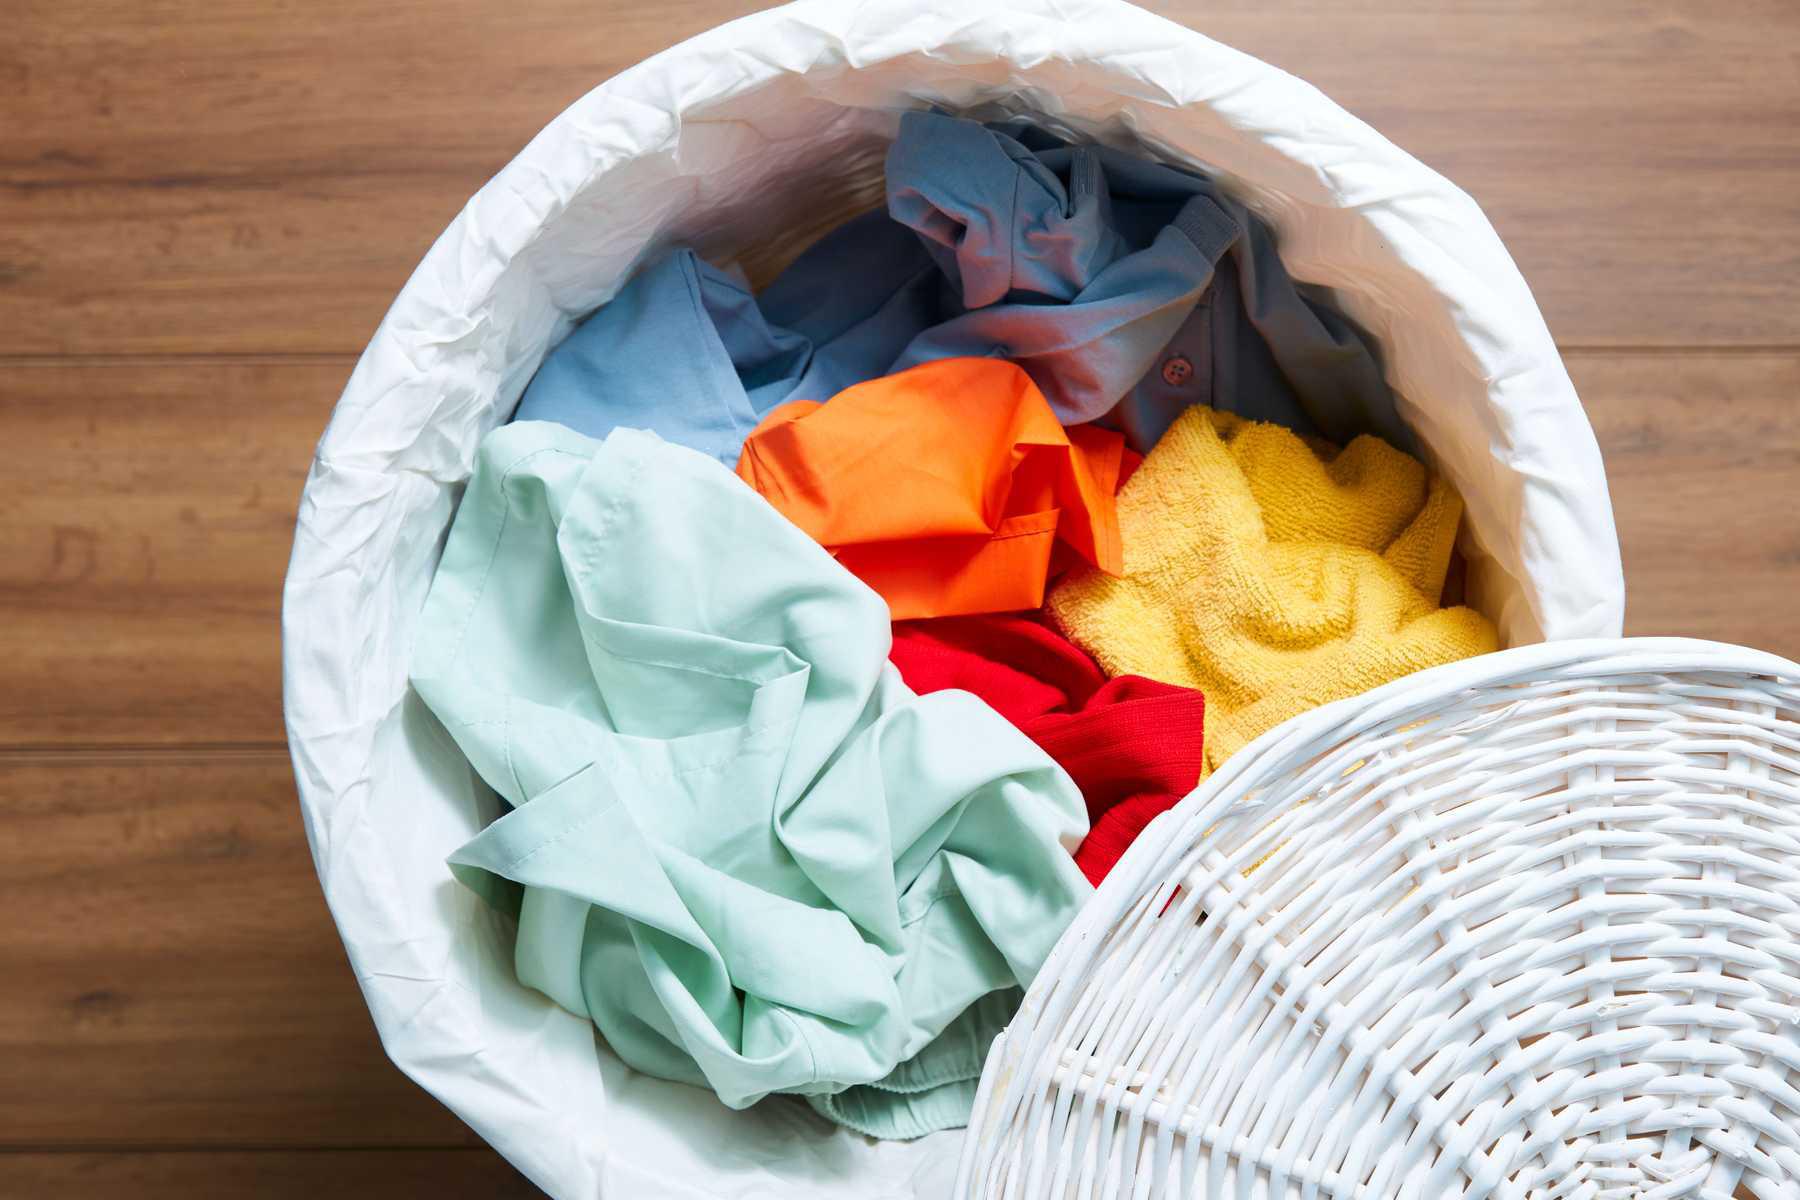 Dùng máy giặt kiểu này không sớm thì muộn cũng phá máy tan tành, kiểm tra ngay xem bạn đang dùng đúng cách chưa - Ảnh 4.